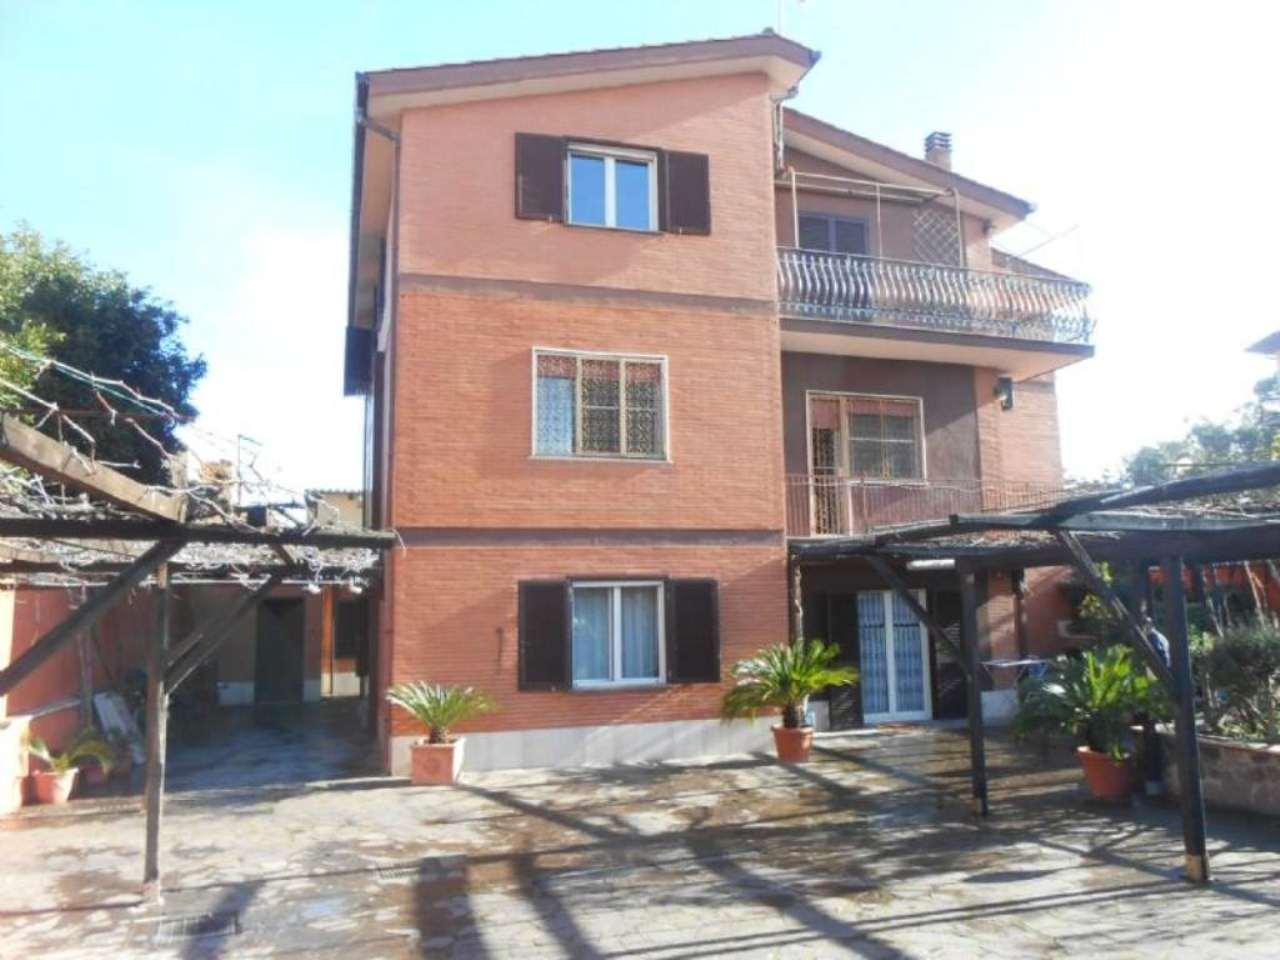 Palazzo / Stabile in vendita a Roma, 15 locali, zona Zona: 38 . Acilia, Vitinia, Infernetto, Axa, Casal Palocco, Madonnetta, prezzo € 850.000 | Cambio Casa.it